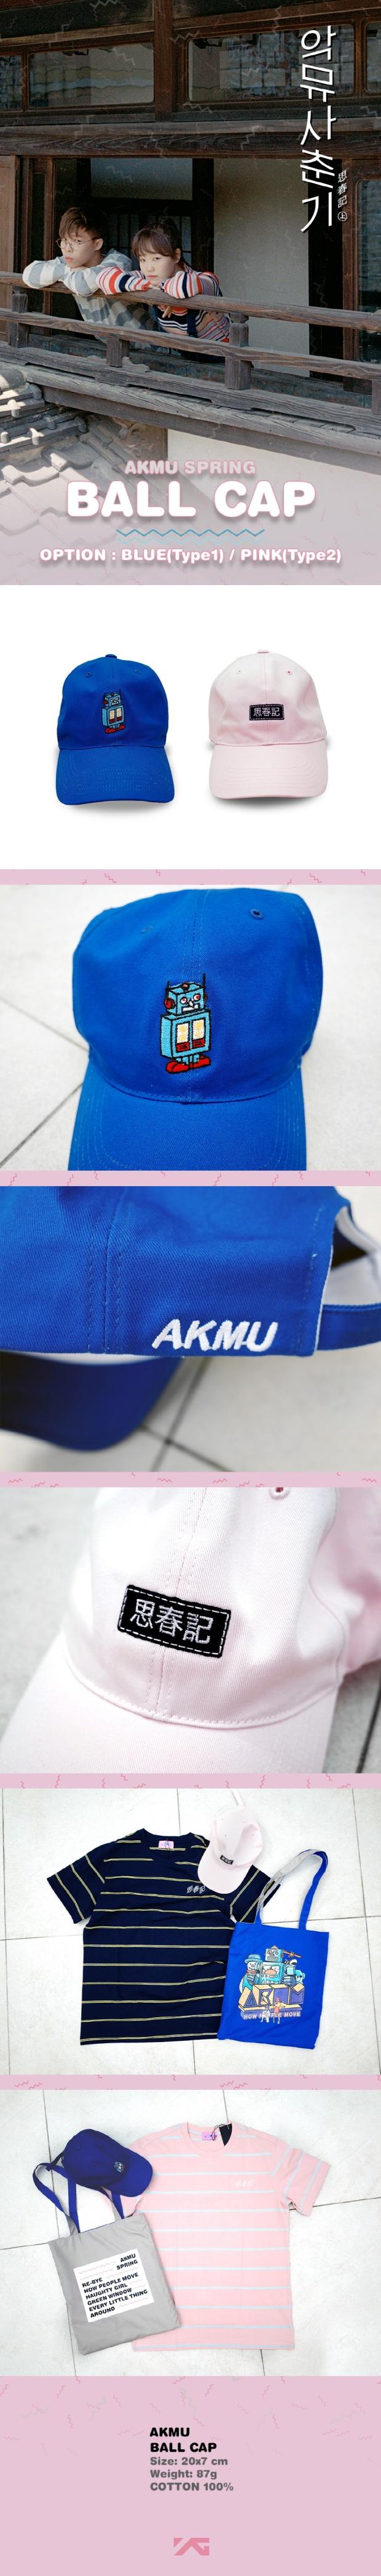 01_akmu_spring_ballcap_01